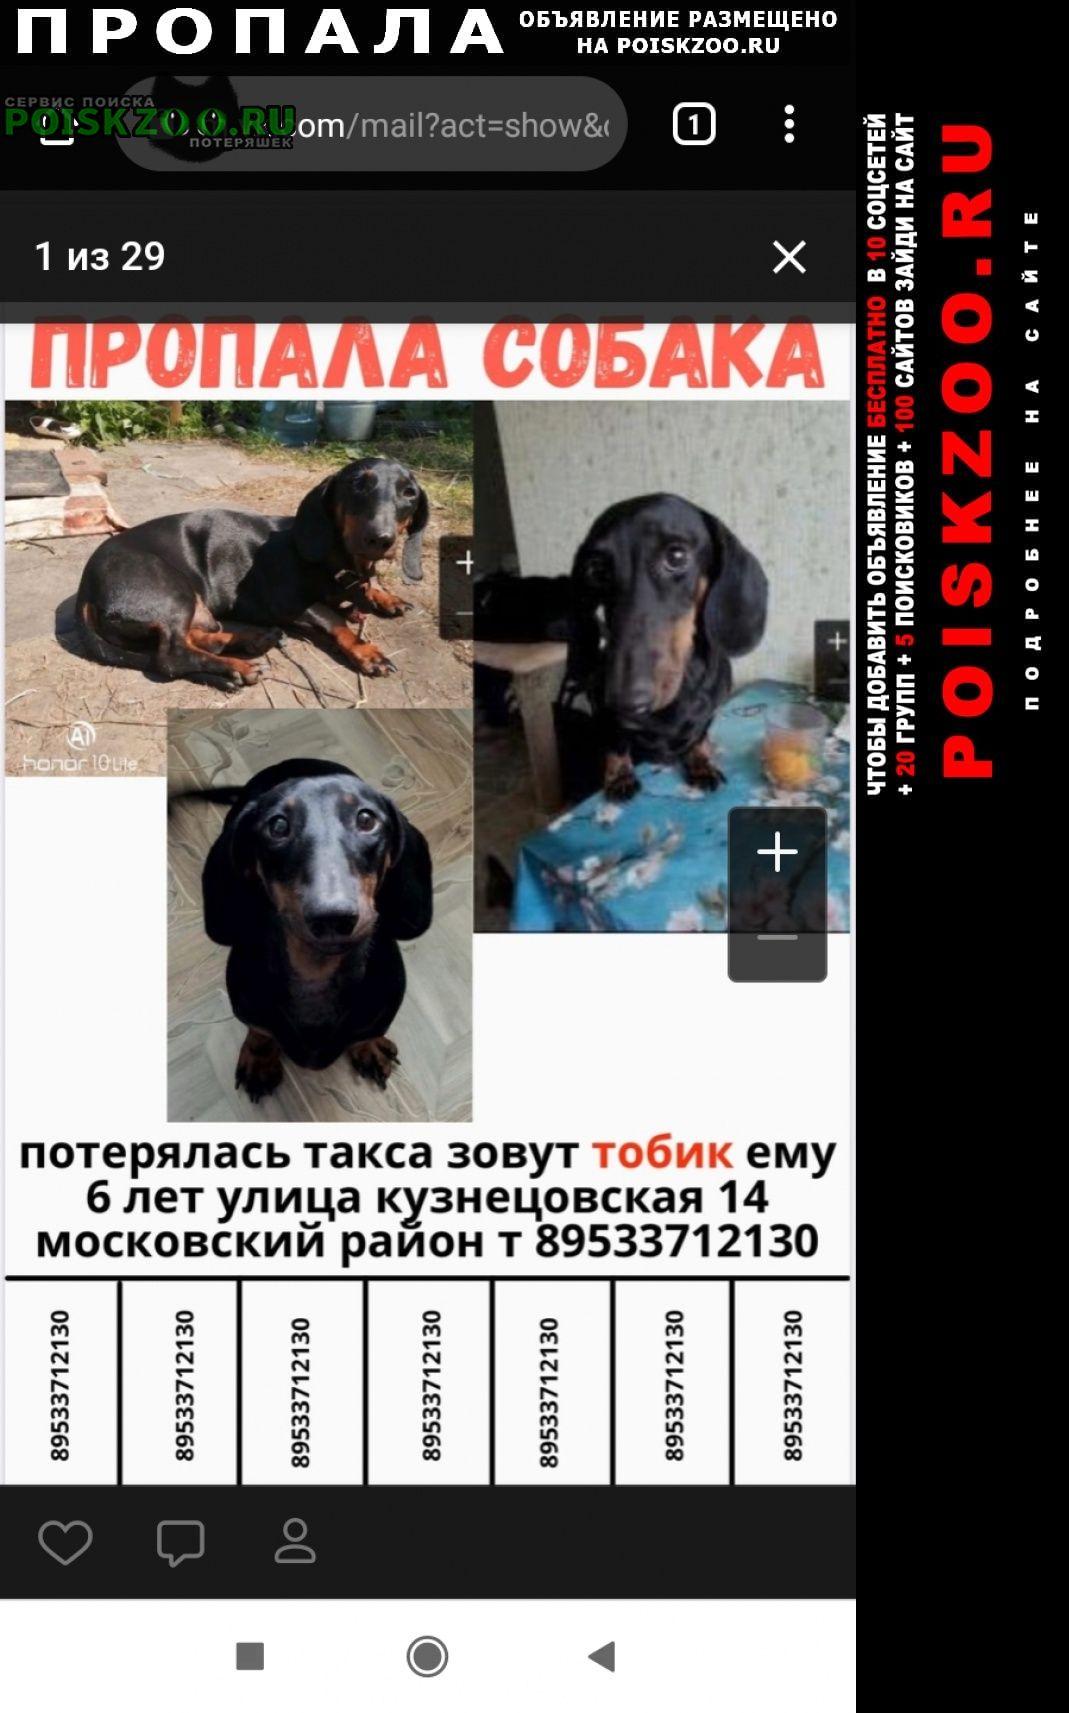 Санкт-Петербург Пропала собака кобель такса